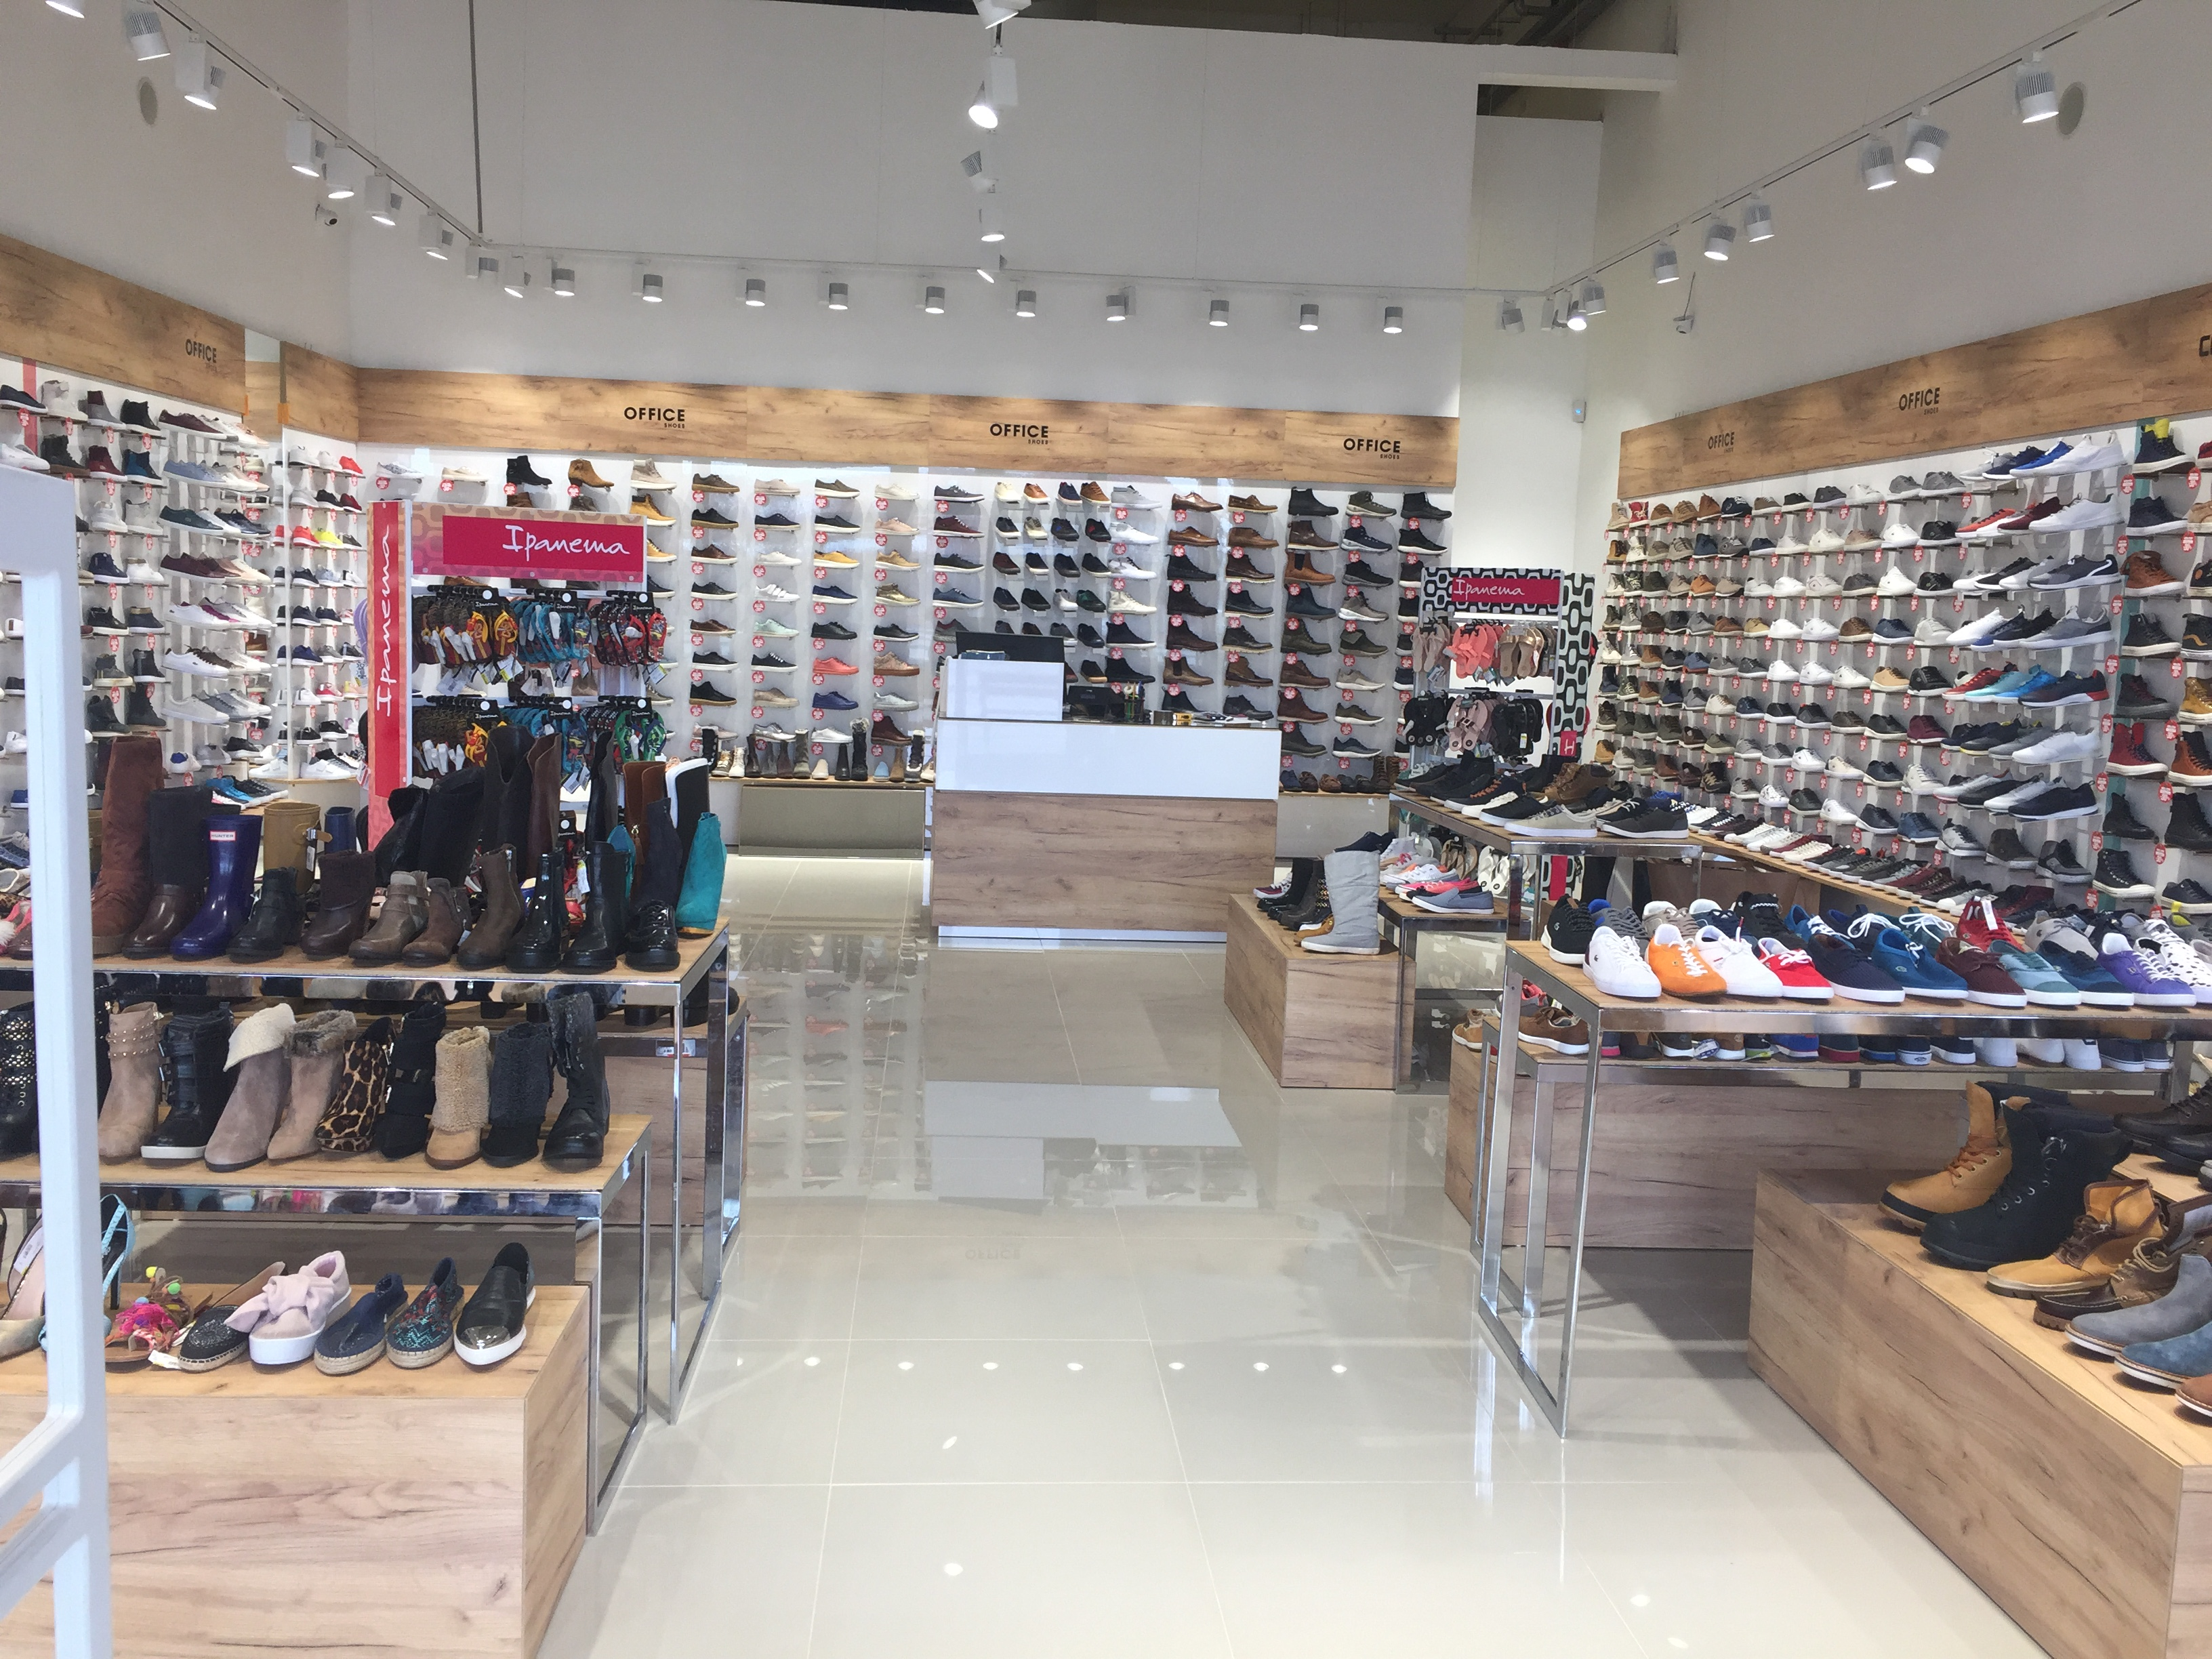 46656a812b57 Az Office Shoes üzletünkben megtalálhatóak a legdivatosabb és  legkényelmesebb cipők, papucsok, szandálok, tornacipők és alkami modellek  egész évben 30-90% ...